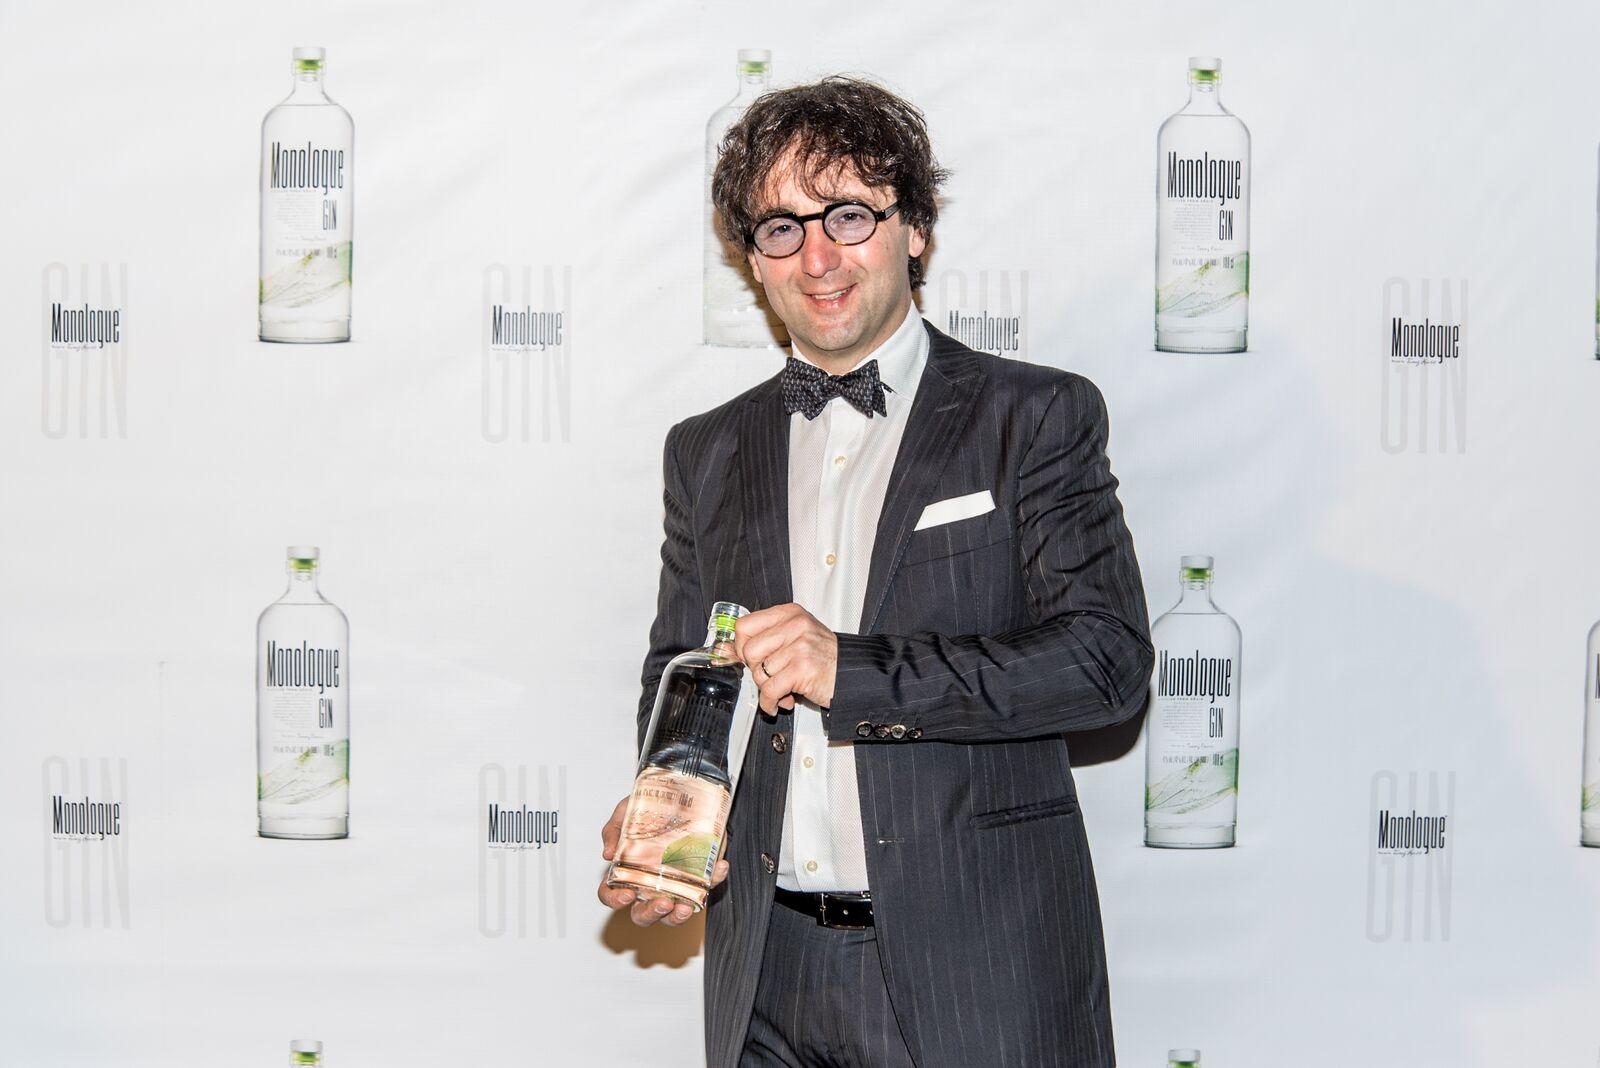 GIN MONOLOGUE med osmimi najboljšimi žganimi pijačami sveta